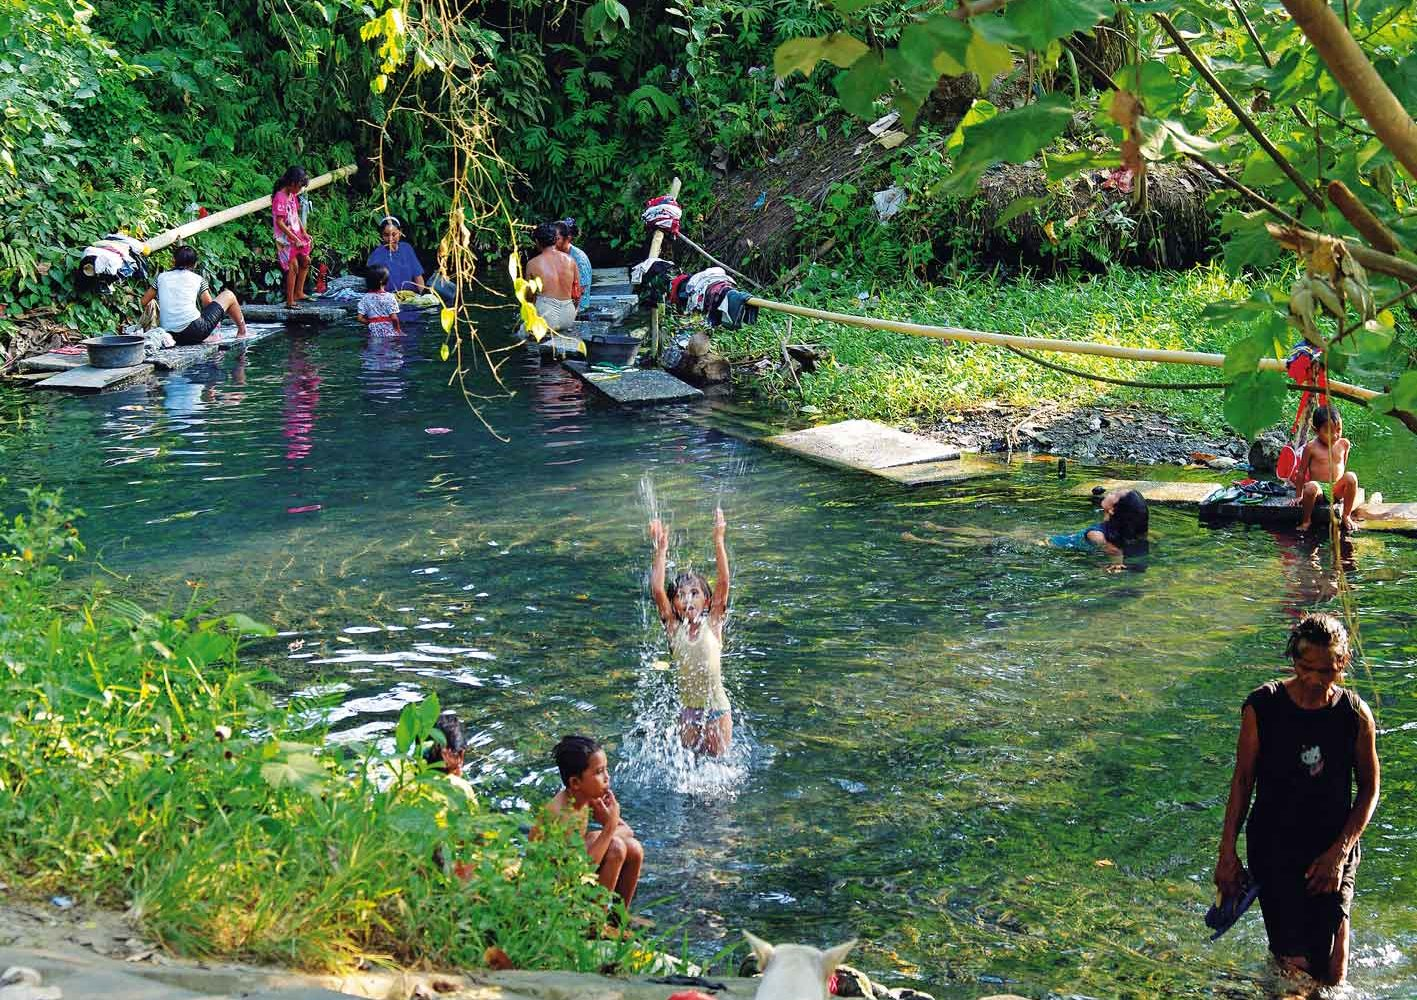 Heisse Quellen auf den Molukken, Indonesien